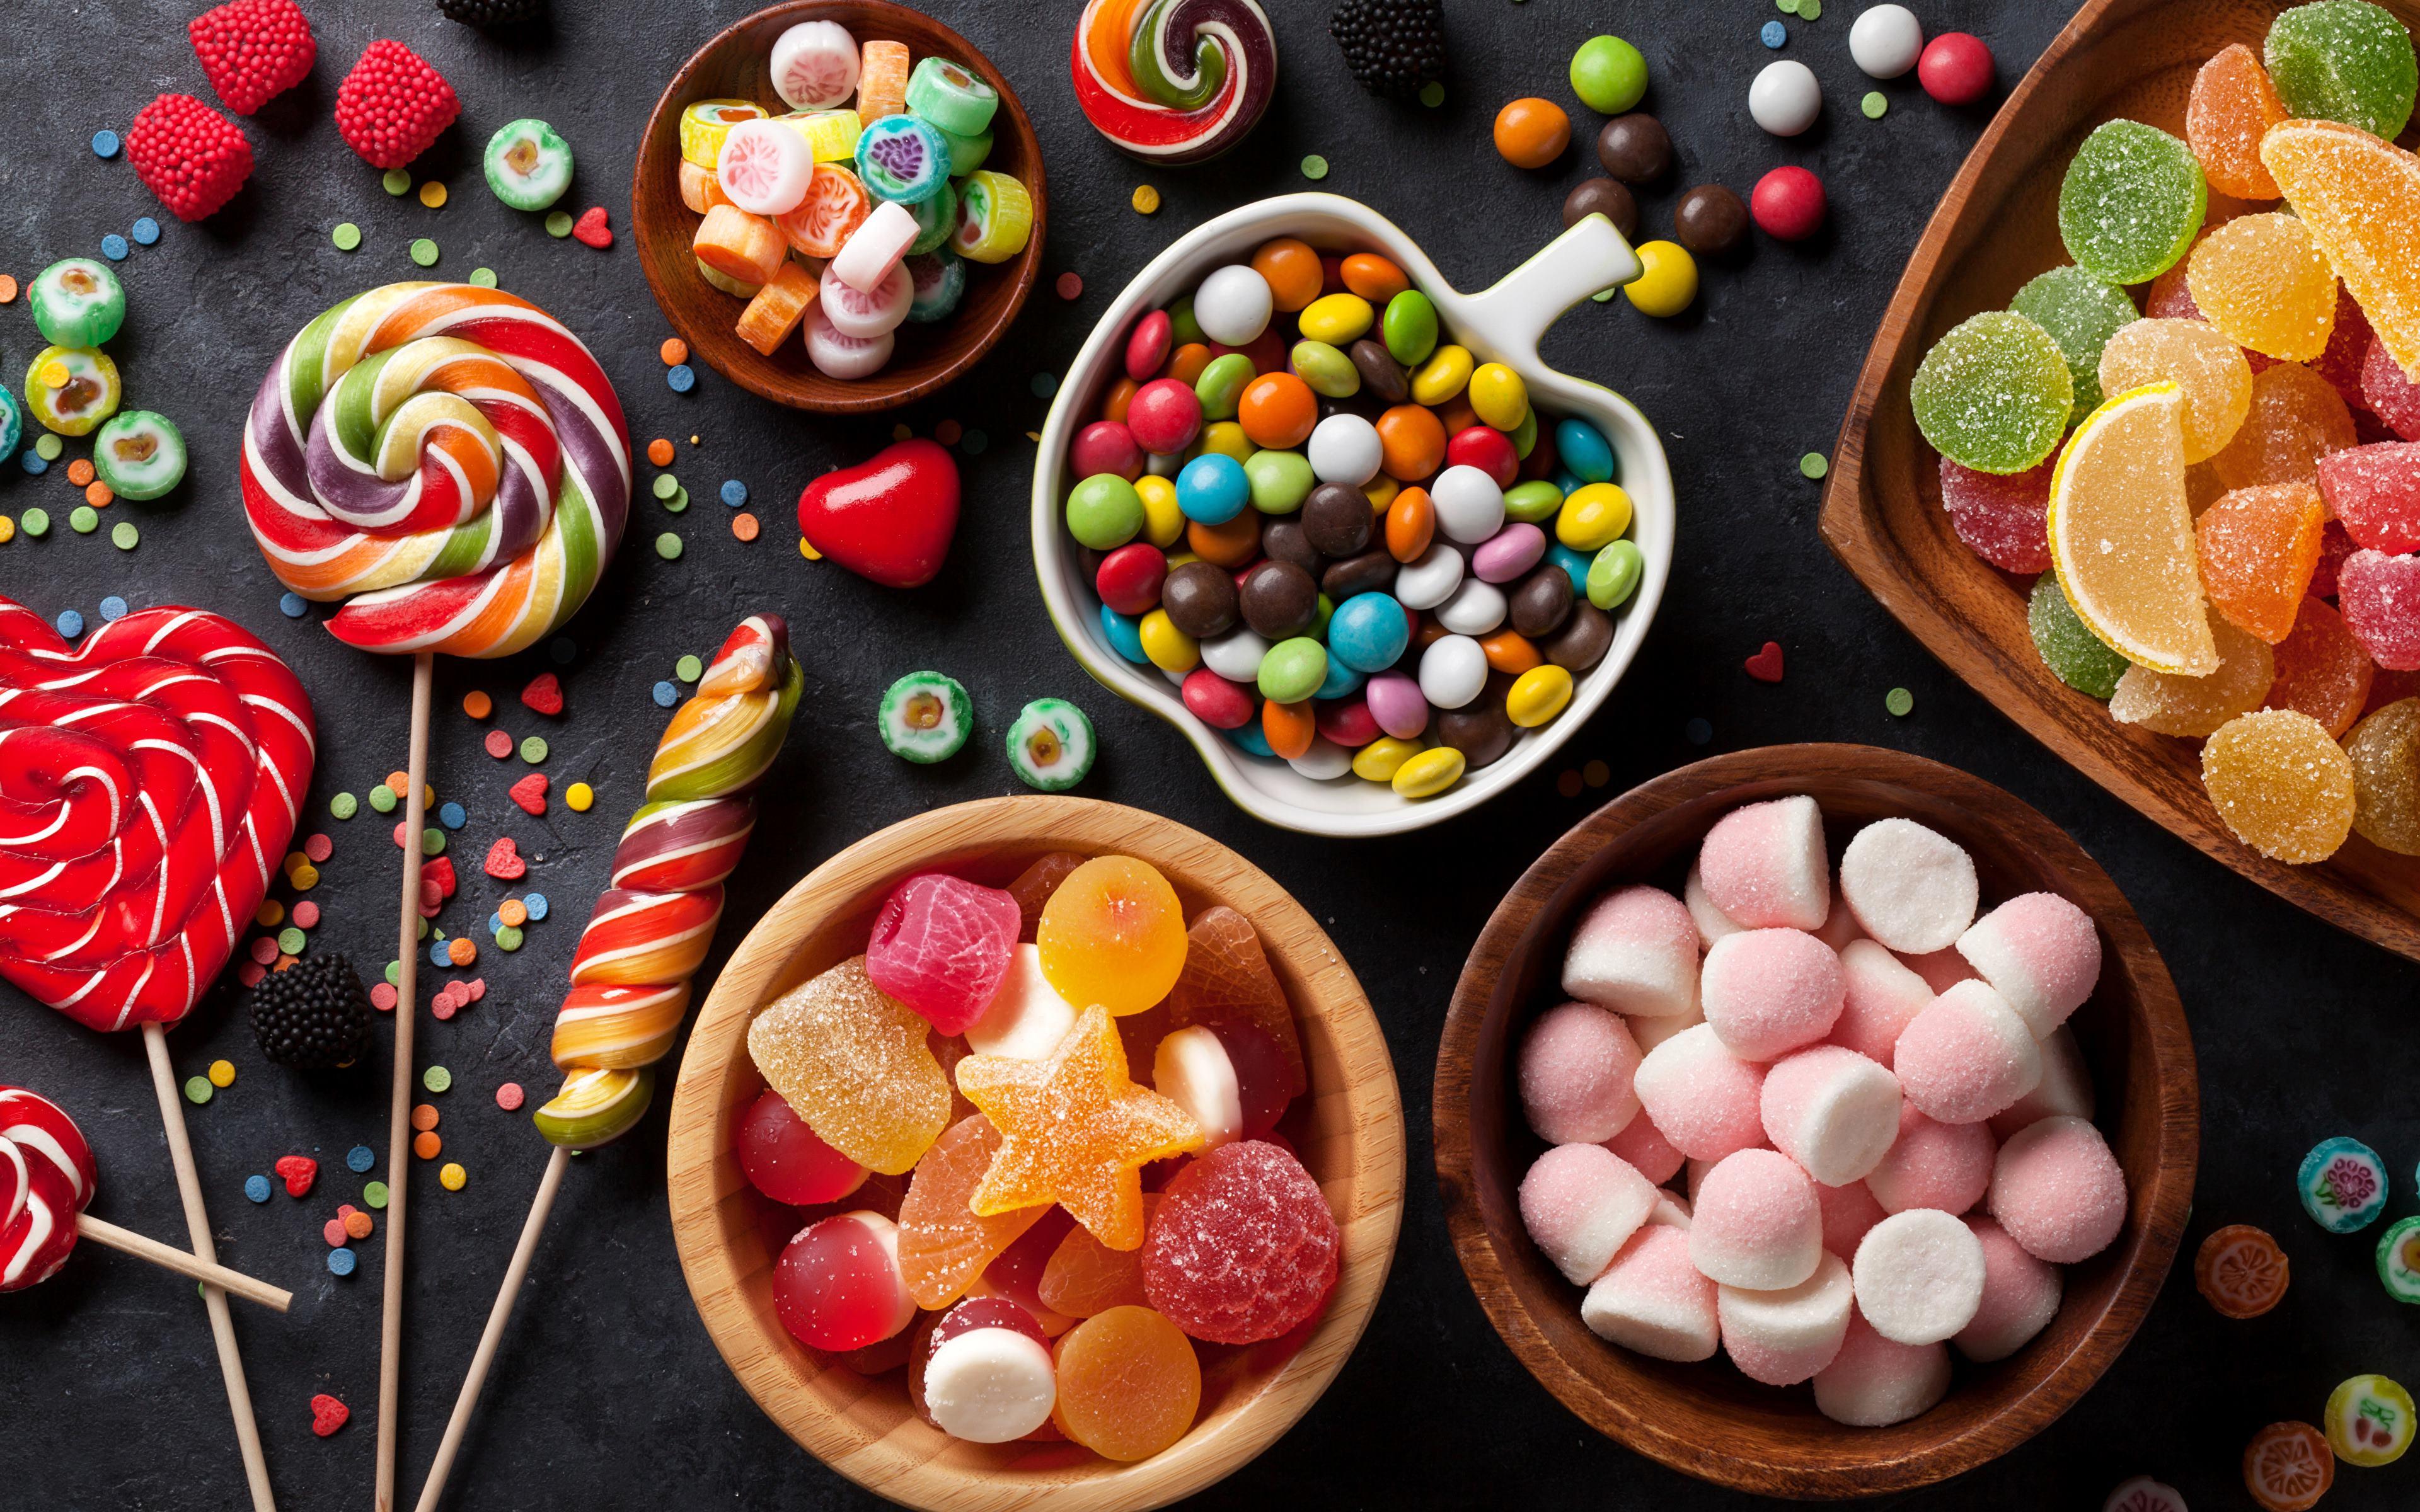 Chất phụ gia, bảo quản từ thực phẩm có thể gây ra tăng động giảm chú ý